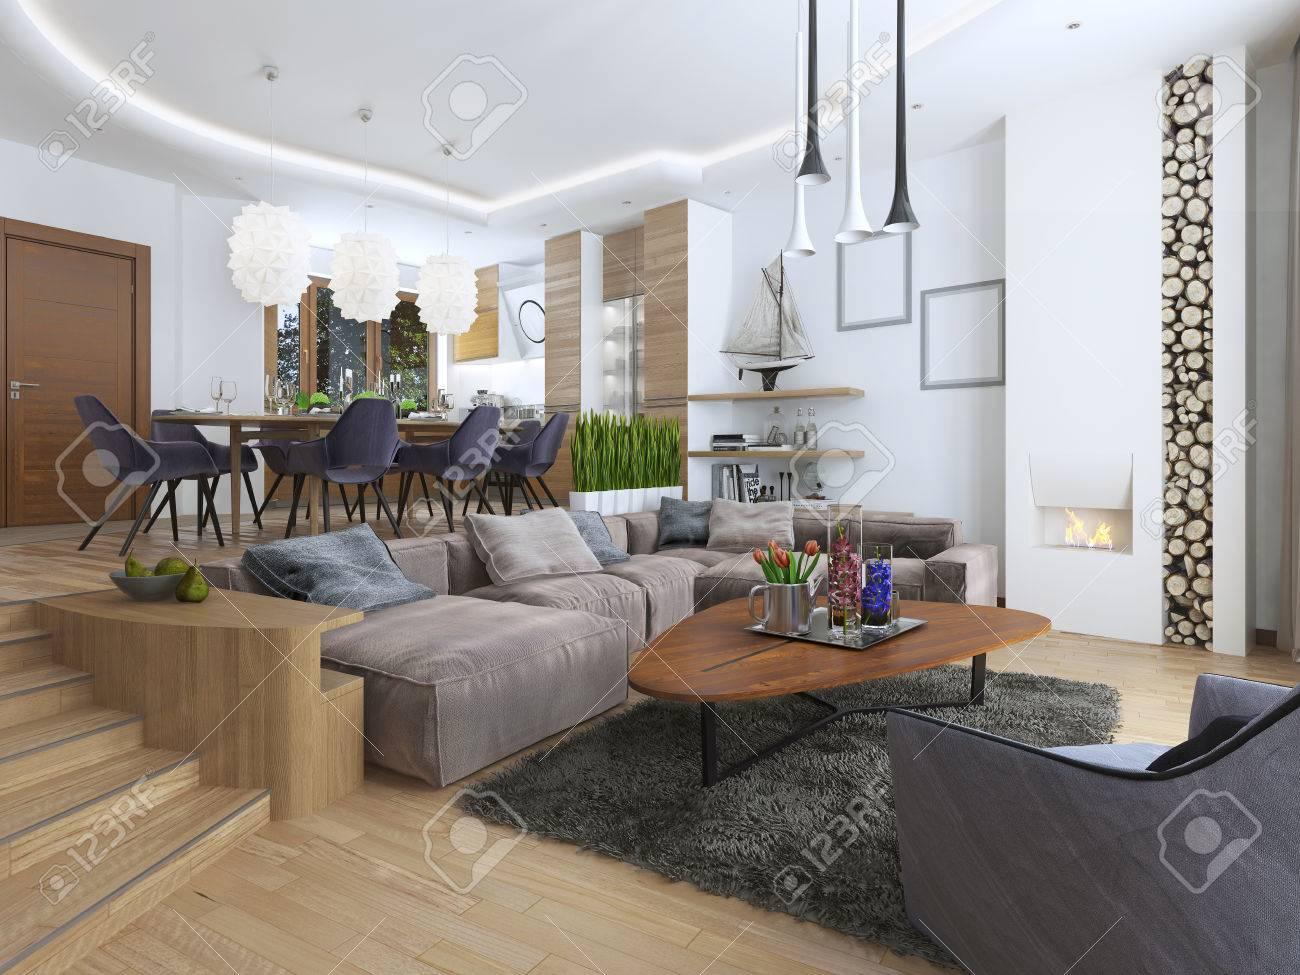 Moderne Wohnzimmer In Einem Loft Stil, Mischen Sanft In Die Küche .